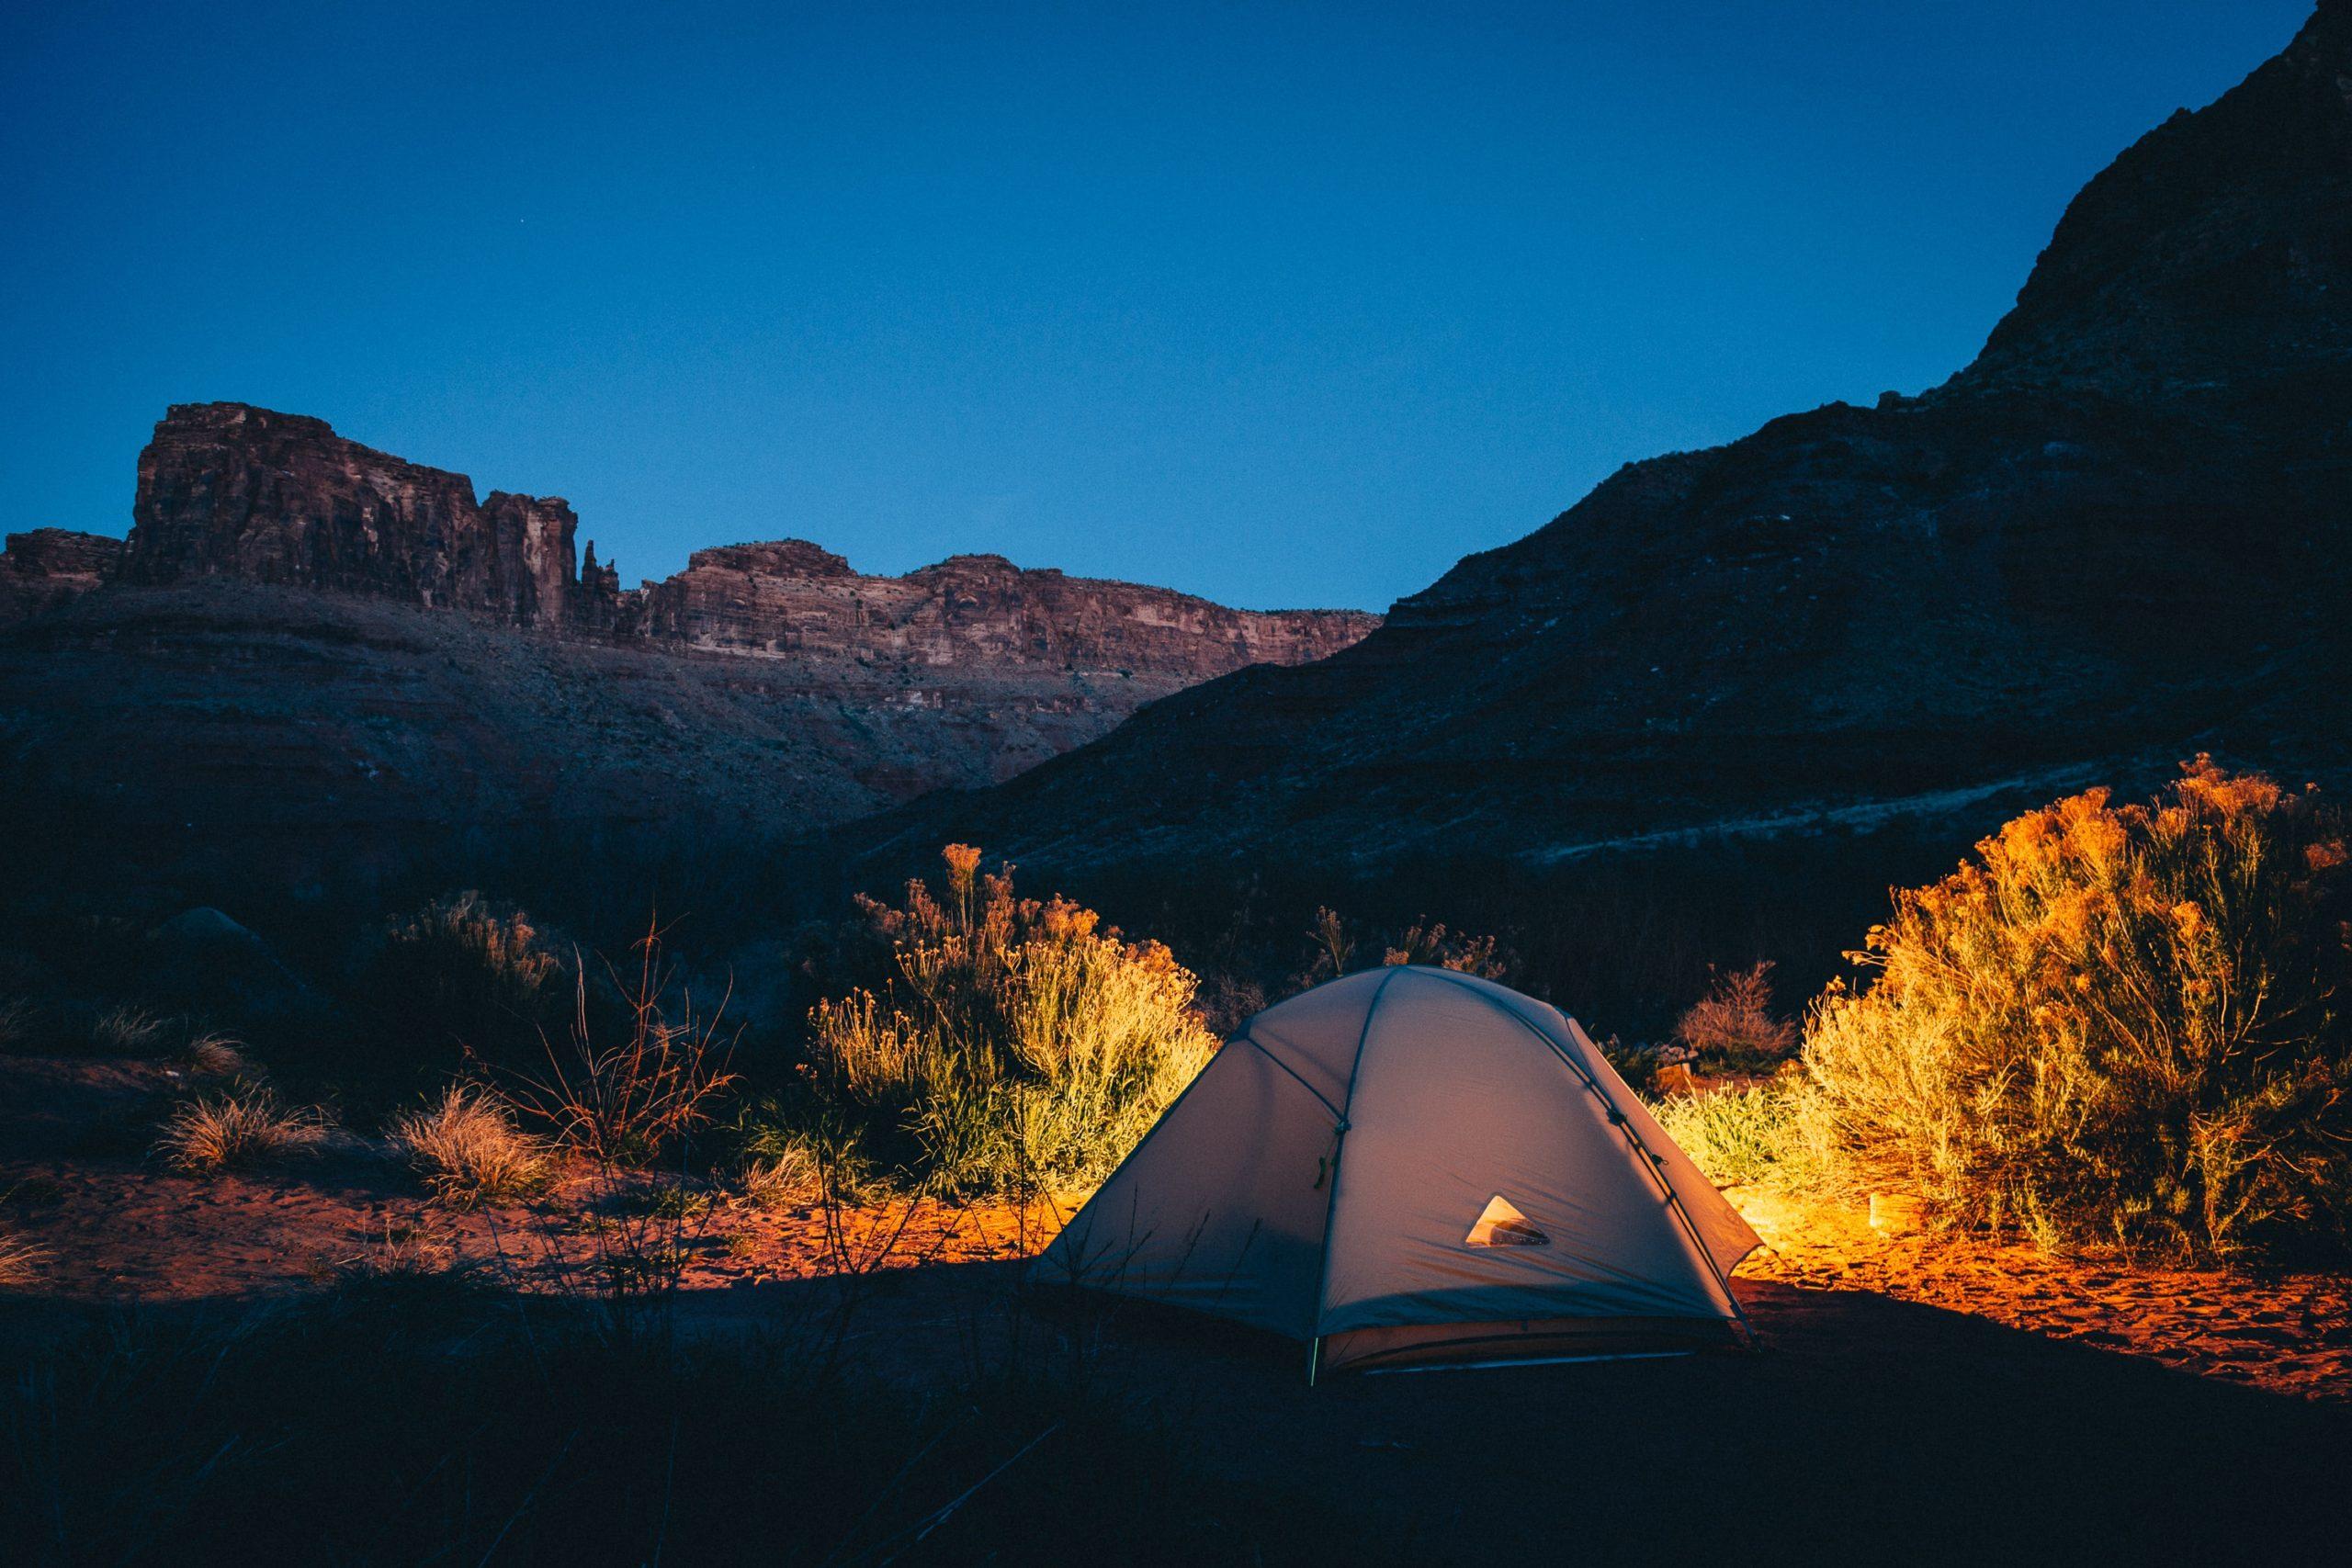 キャンプ初心者がキャンプがしたくてブログ作っちゃいました!